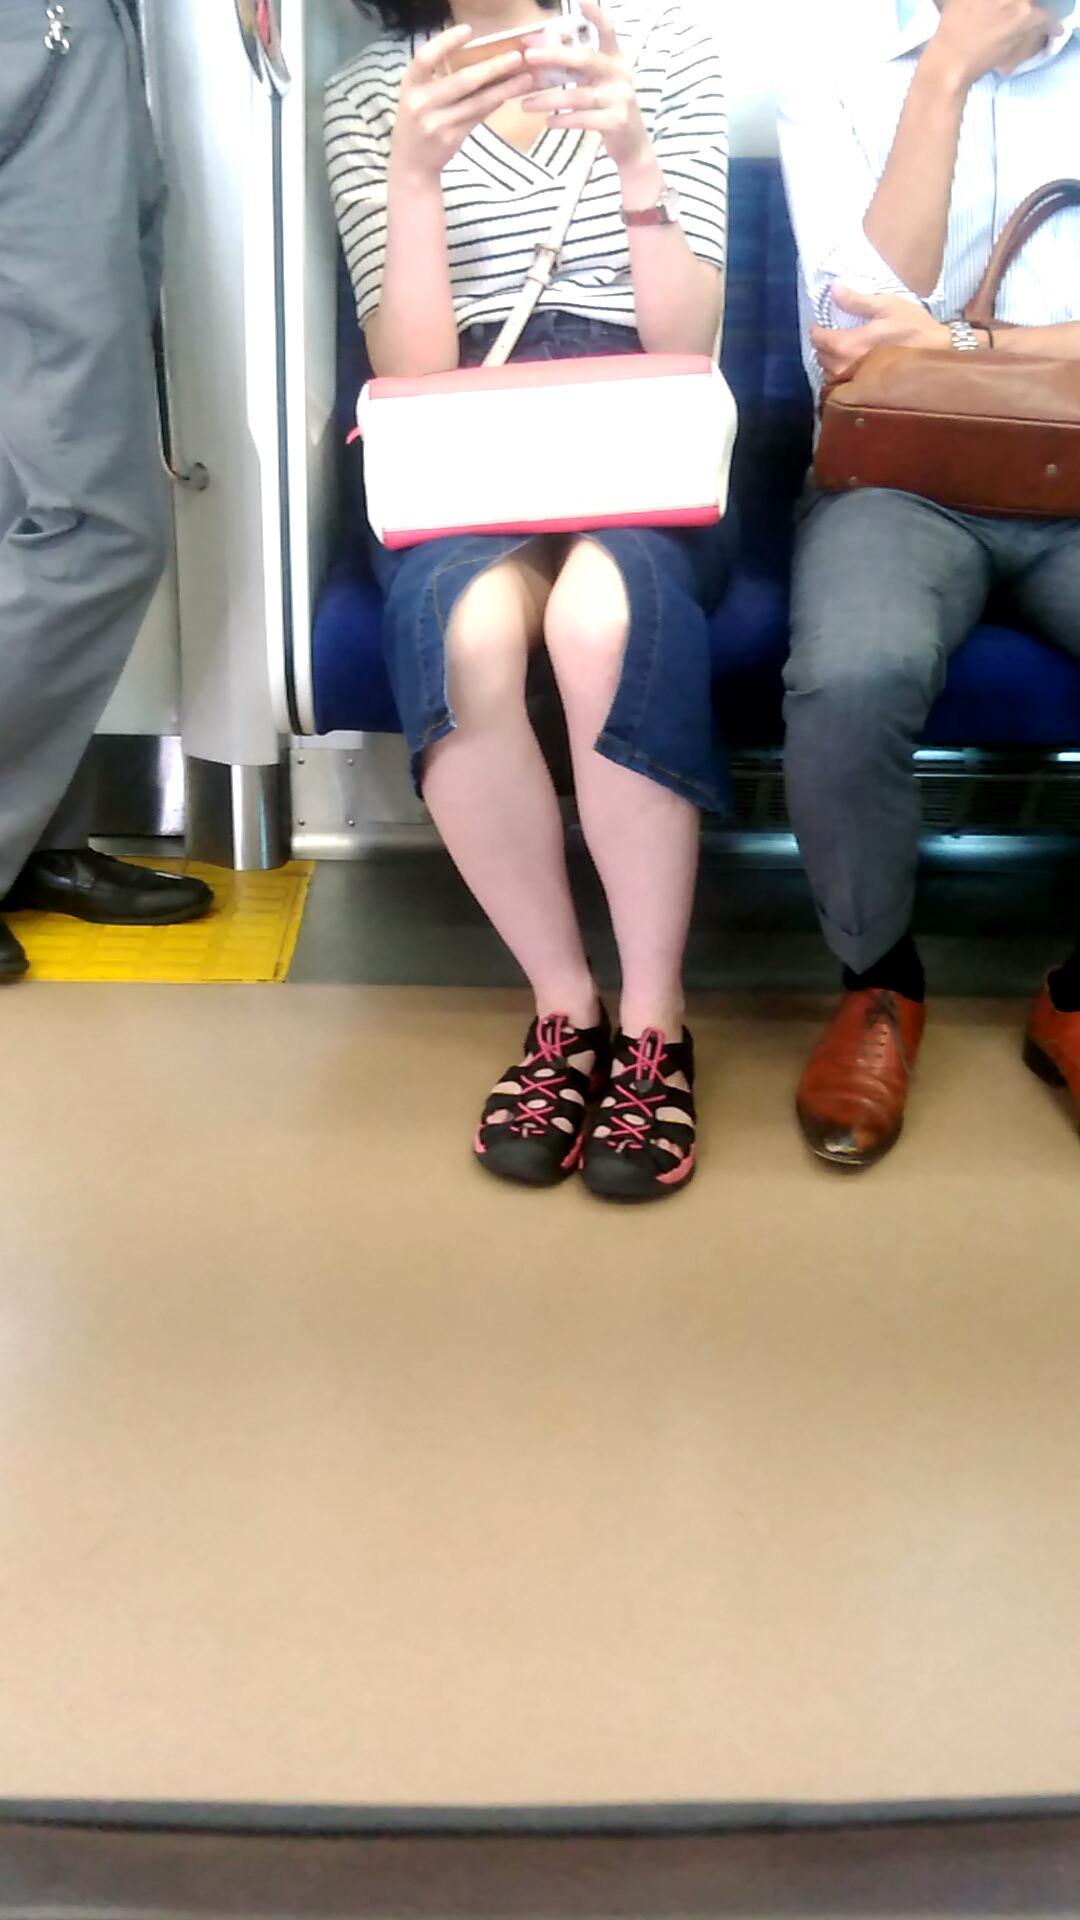 スカートのスリットから見える生足がエロい!